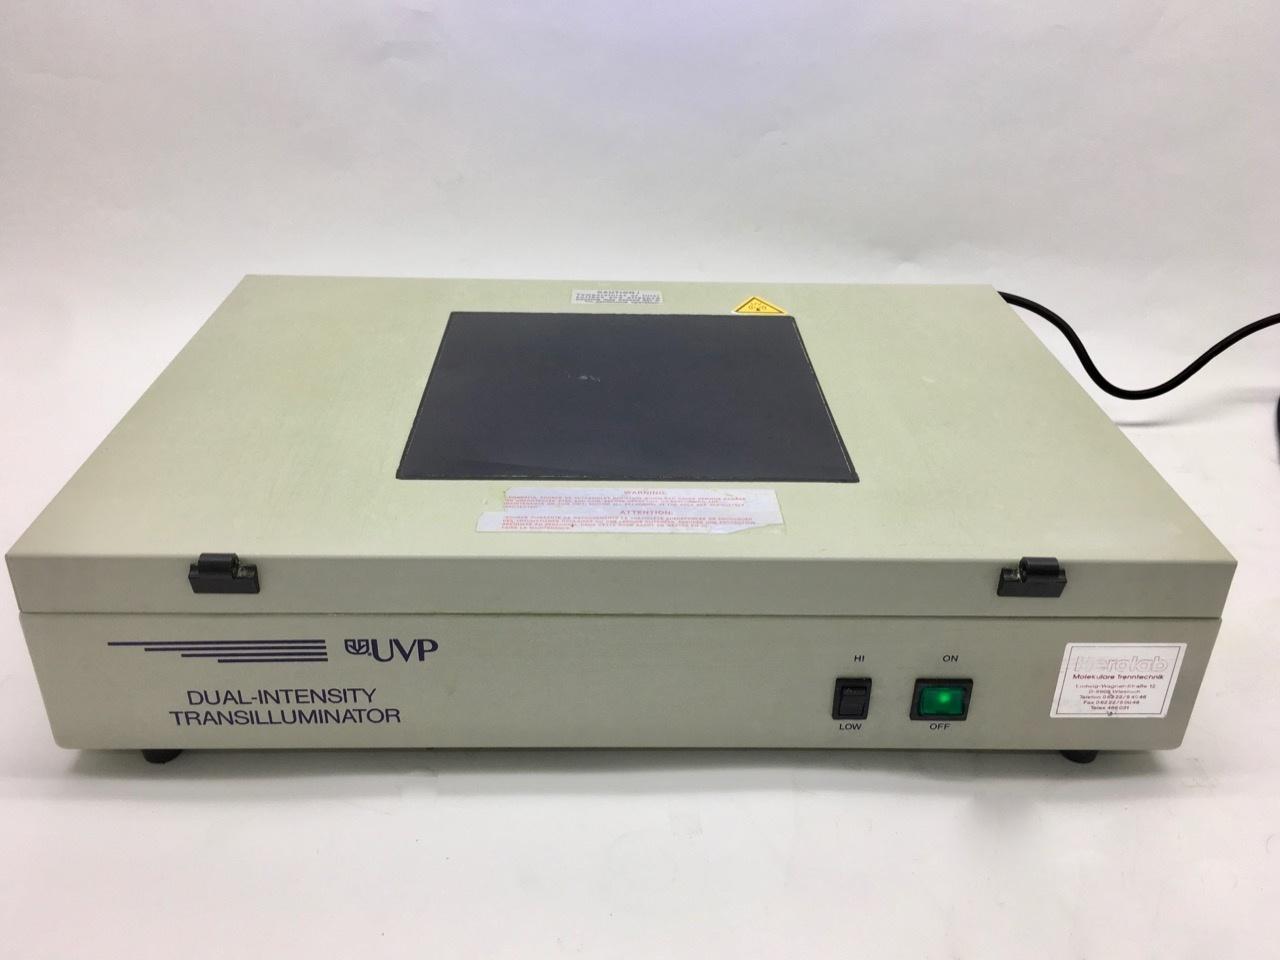 UVP UVP Dual-Intensity Transilluminator